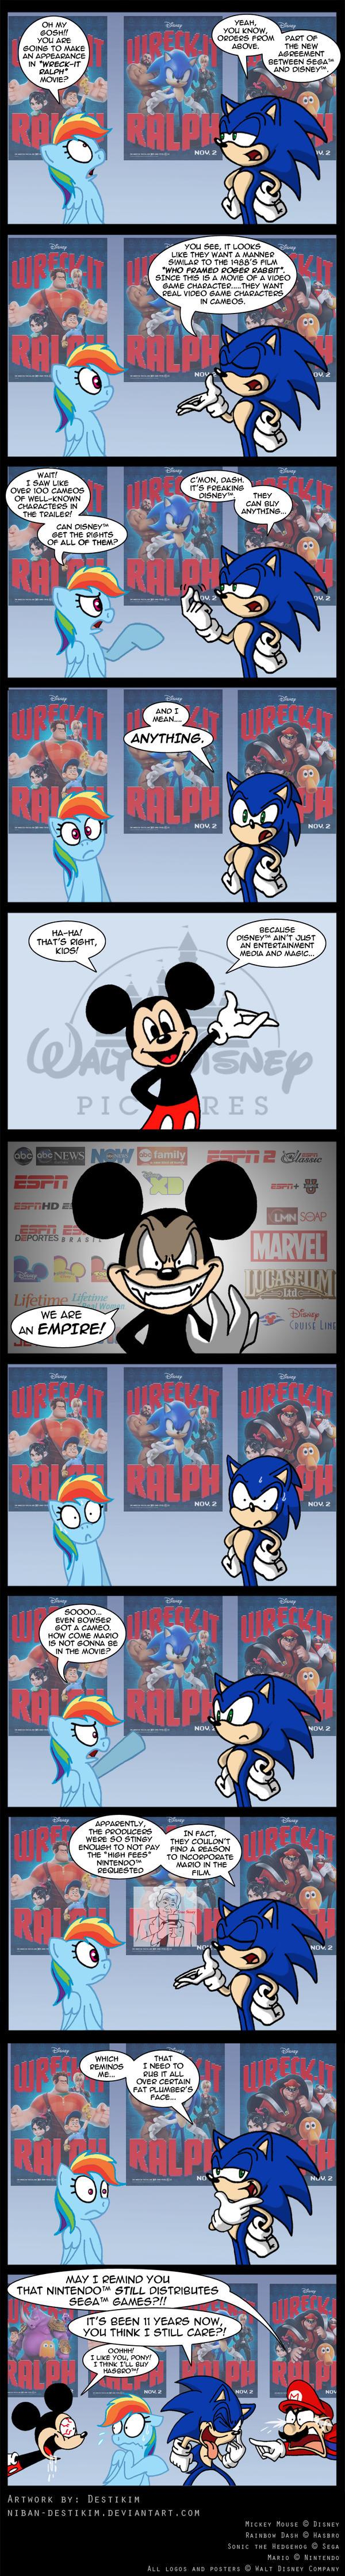 Disney bought what now? Wreck_it_ralph_by_niban_destikim-d5ikpbf